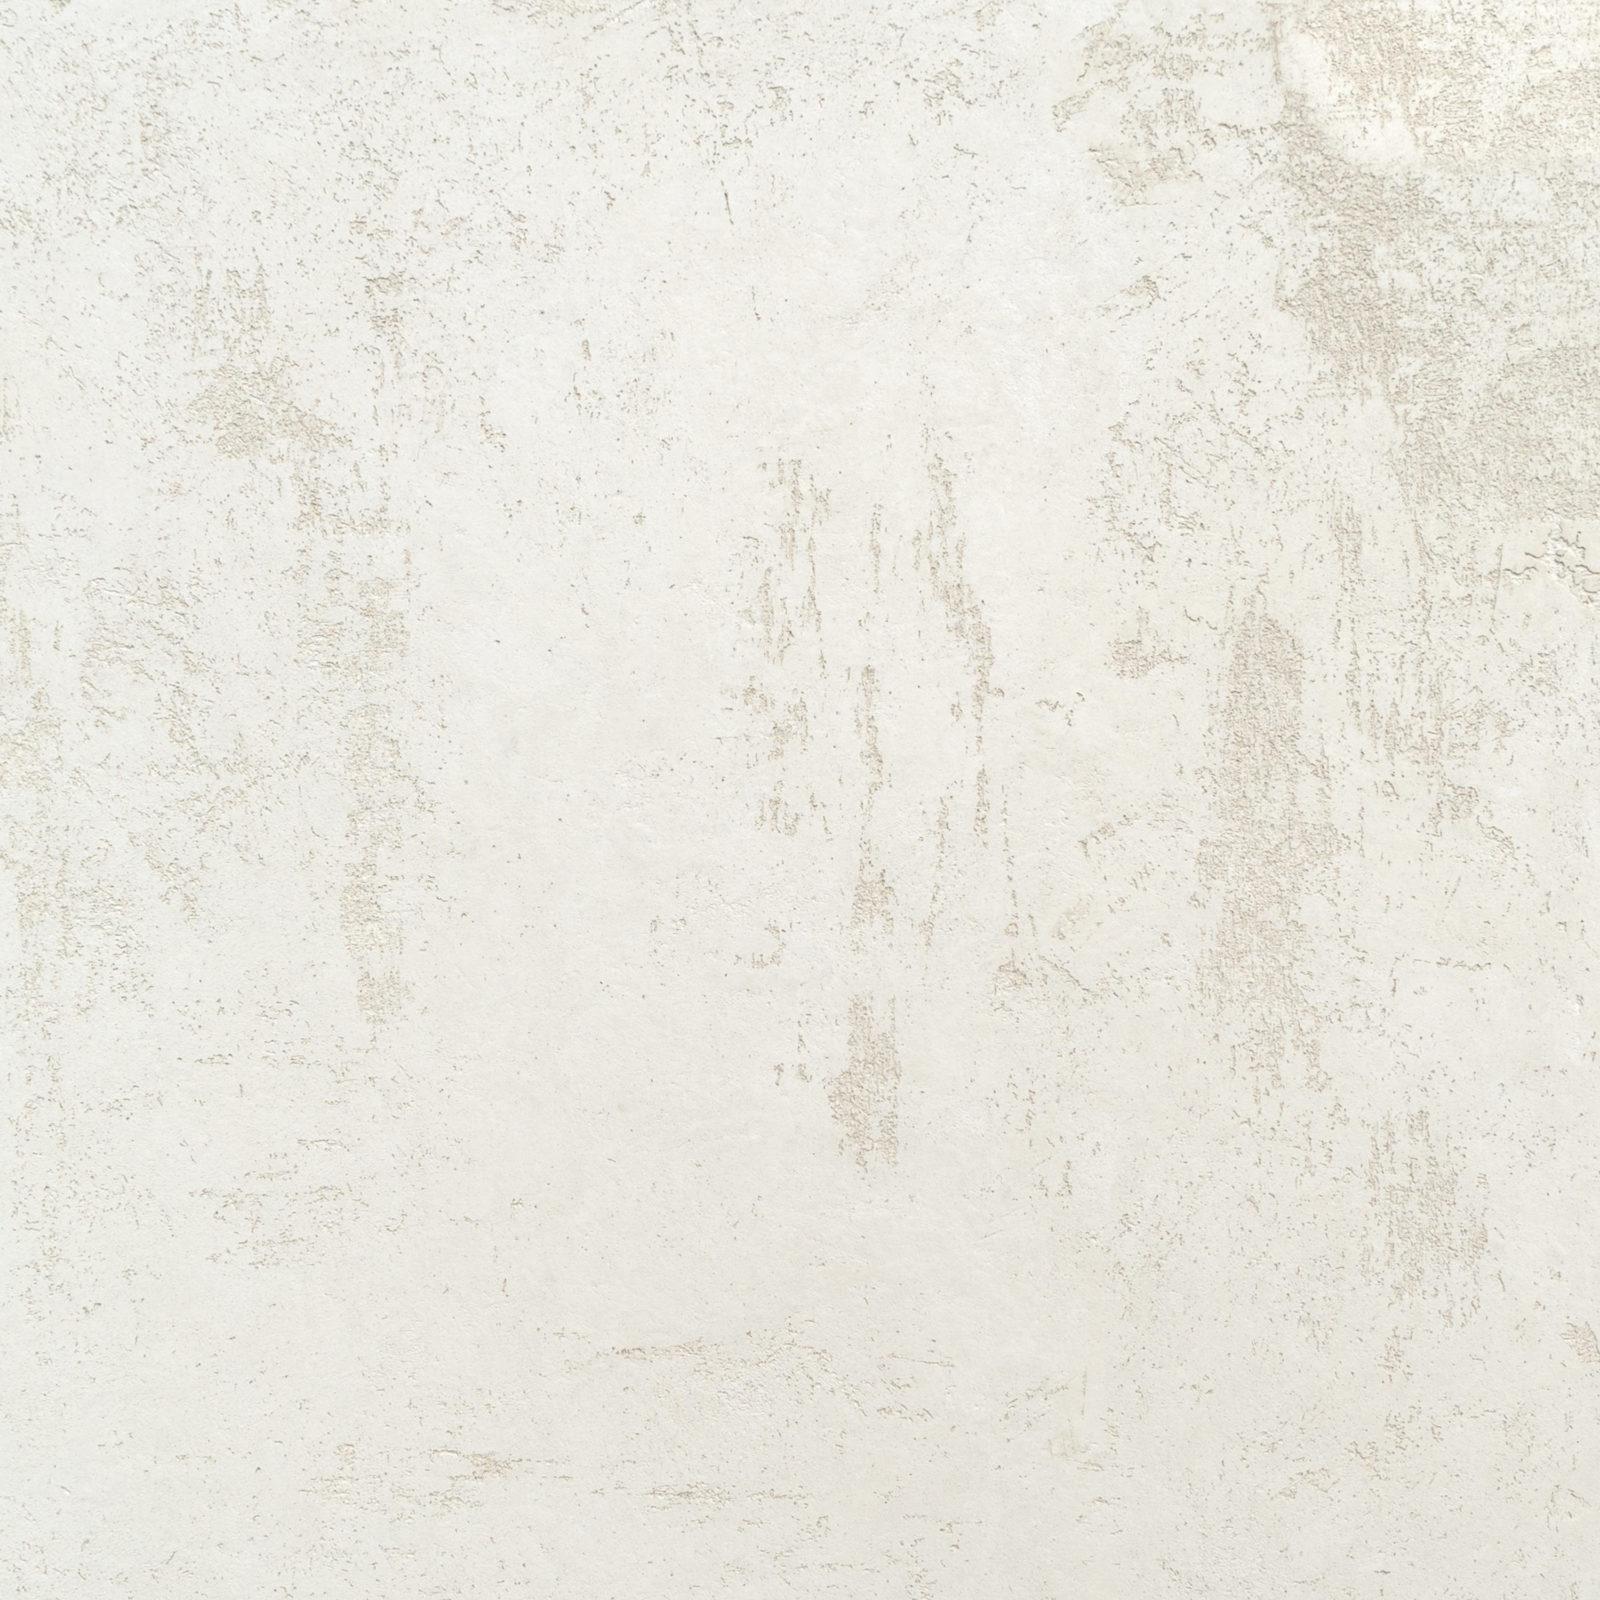 CASUAL - Декоративная штукатурка с эффектом состаренных стен